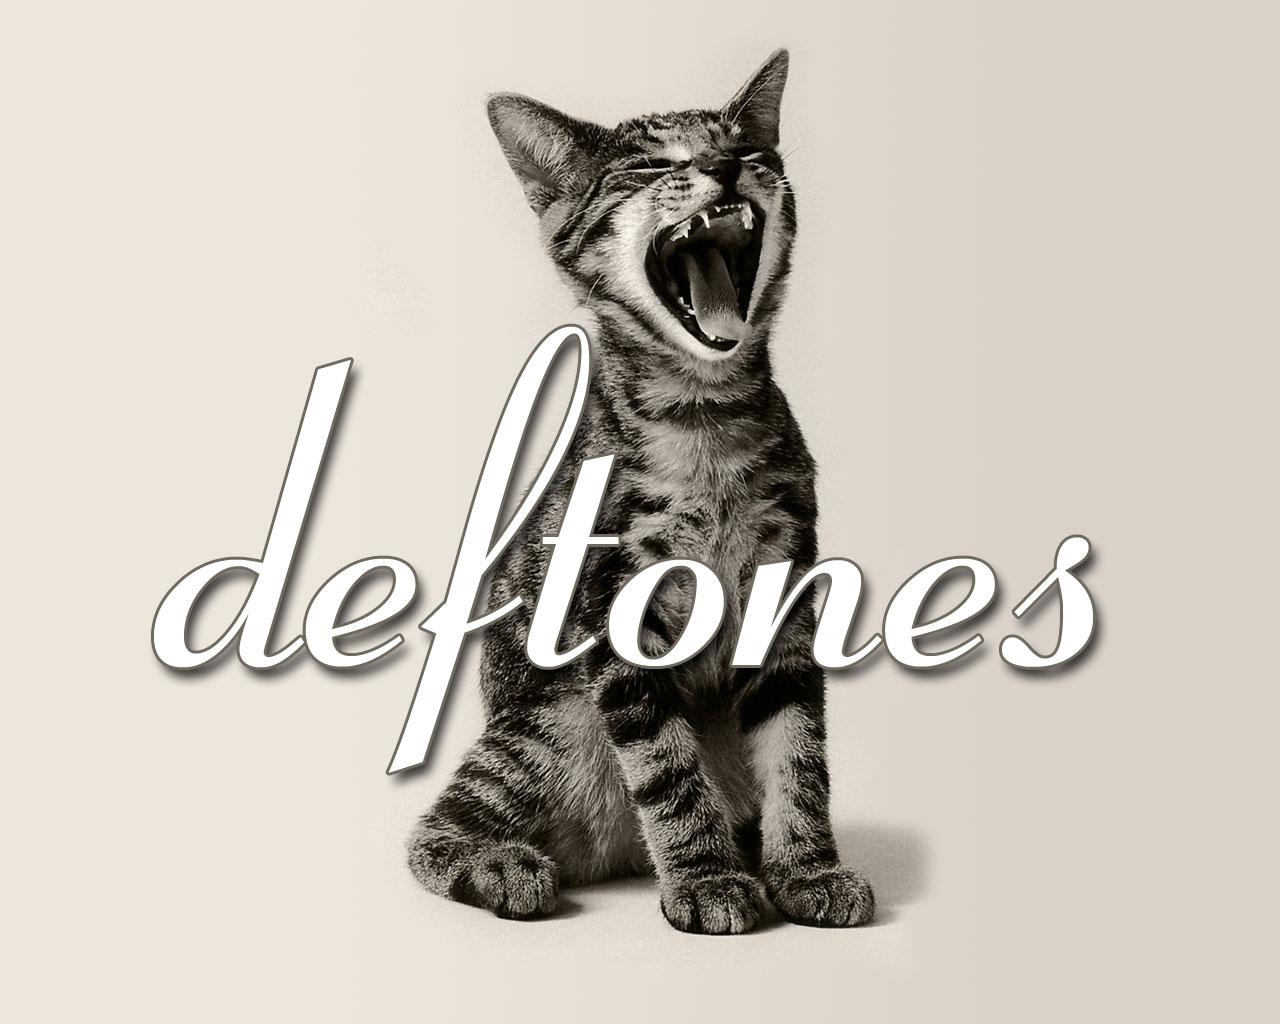 Deftones Computer Wallpapers Desktop Backgrounds 1280x1024 ID 1280x1024